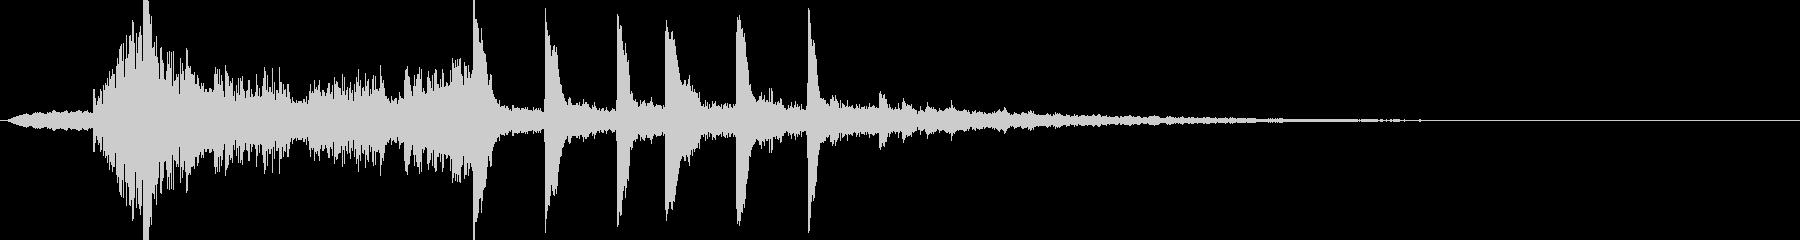 キャッチーなエレクトロサウンドロゴの未再生の波形